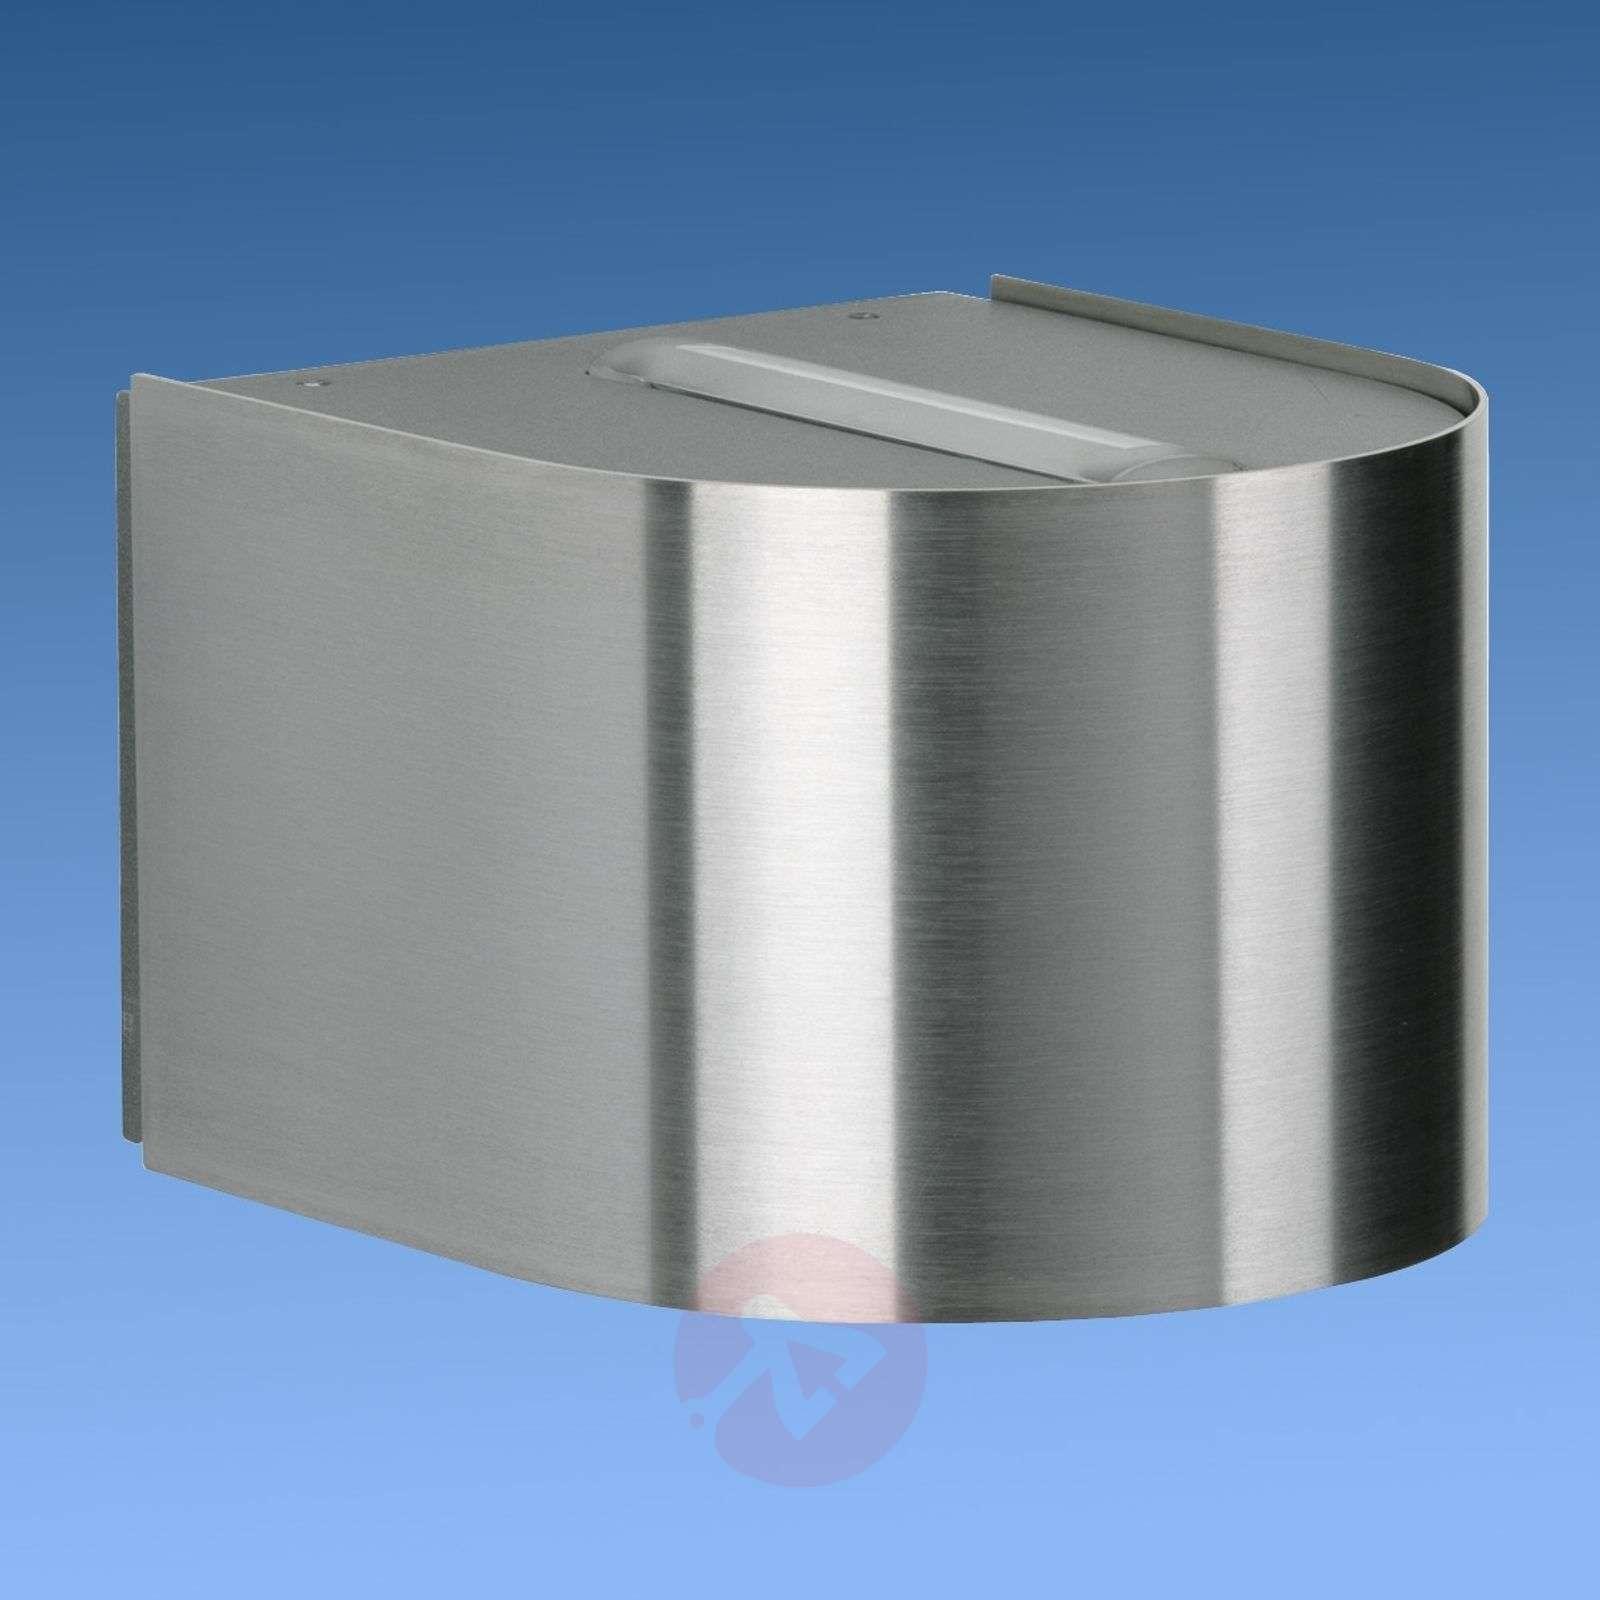 Bulge-LED-ulkoseinävalaisin, valonsäde kapea/kapea-4000155-01